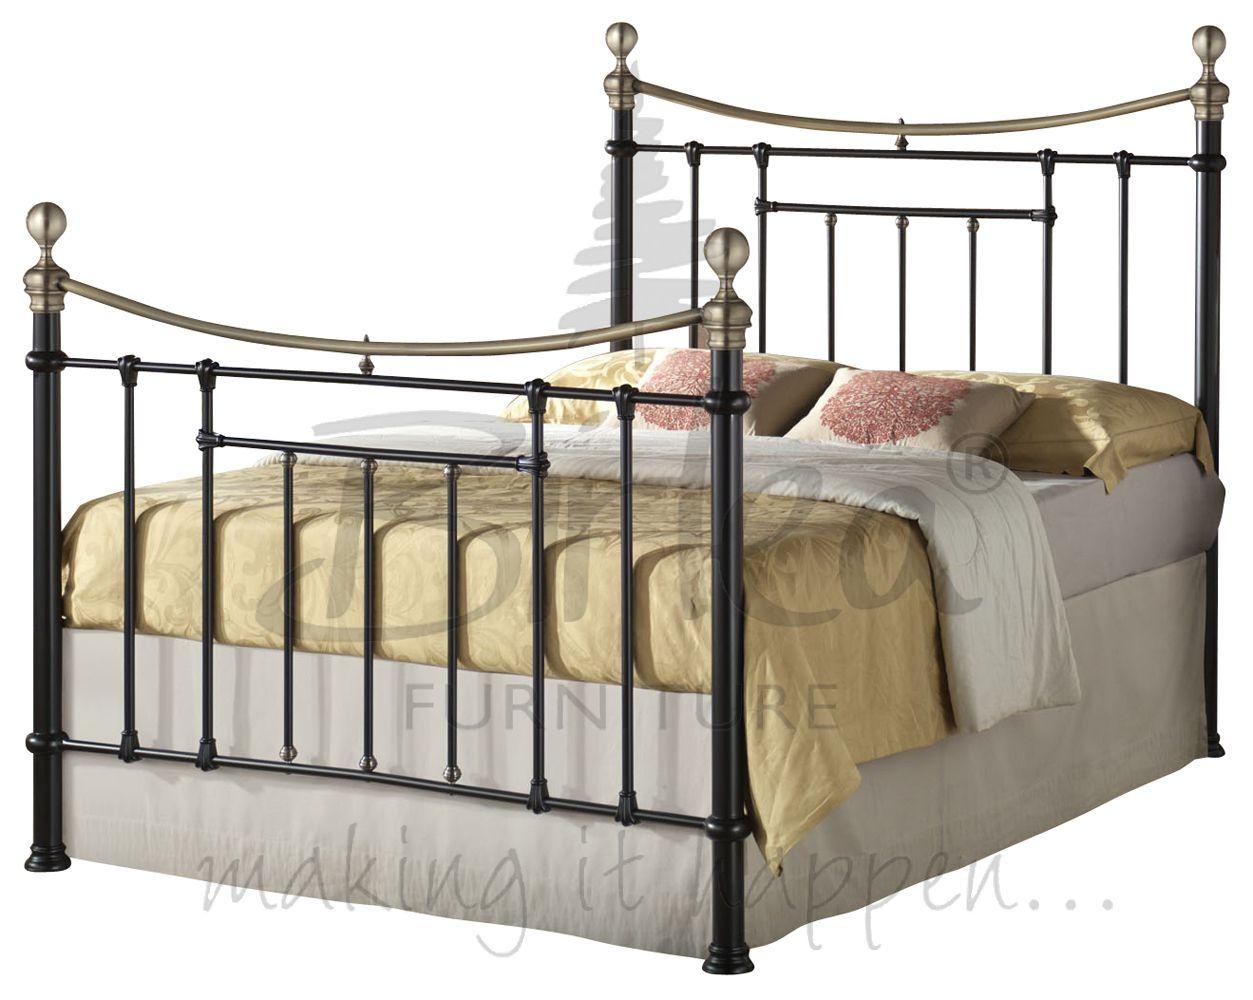 klassisch vintage viktorianischer stil metall bett 1 4m und 1 5 m antik messing ebay. Black Bedroom Furniture Sets. Home Design Ideas